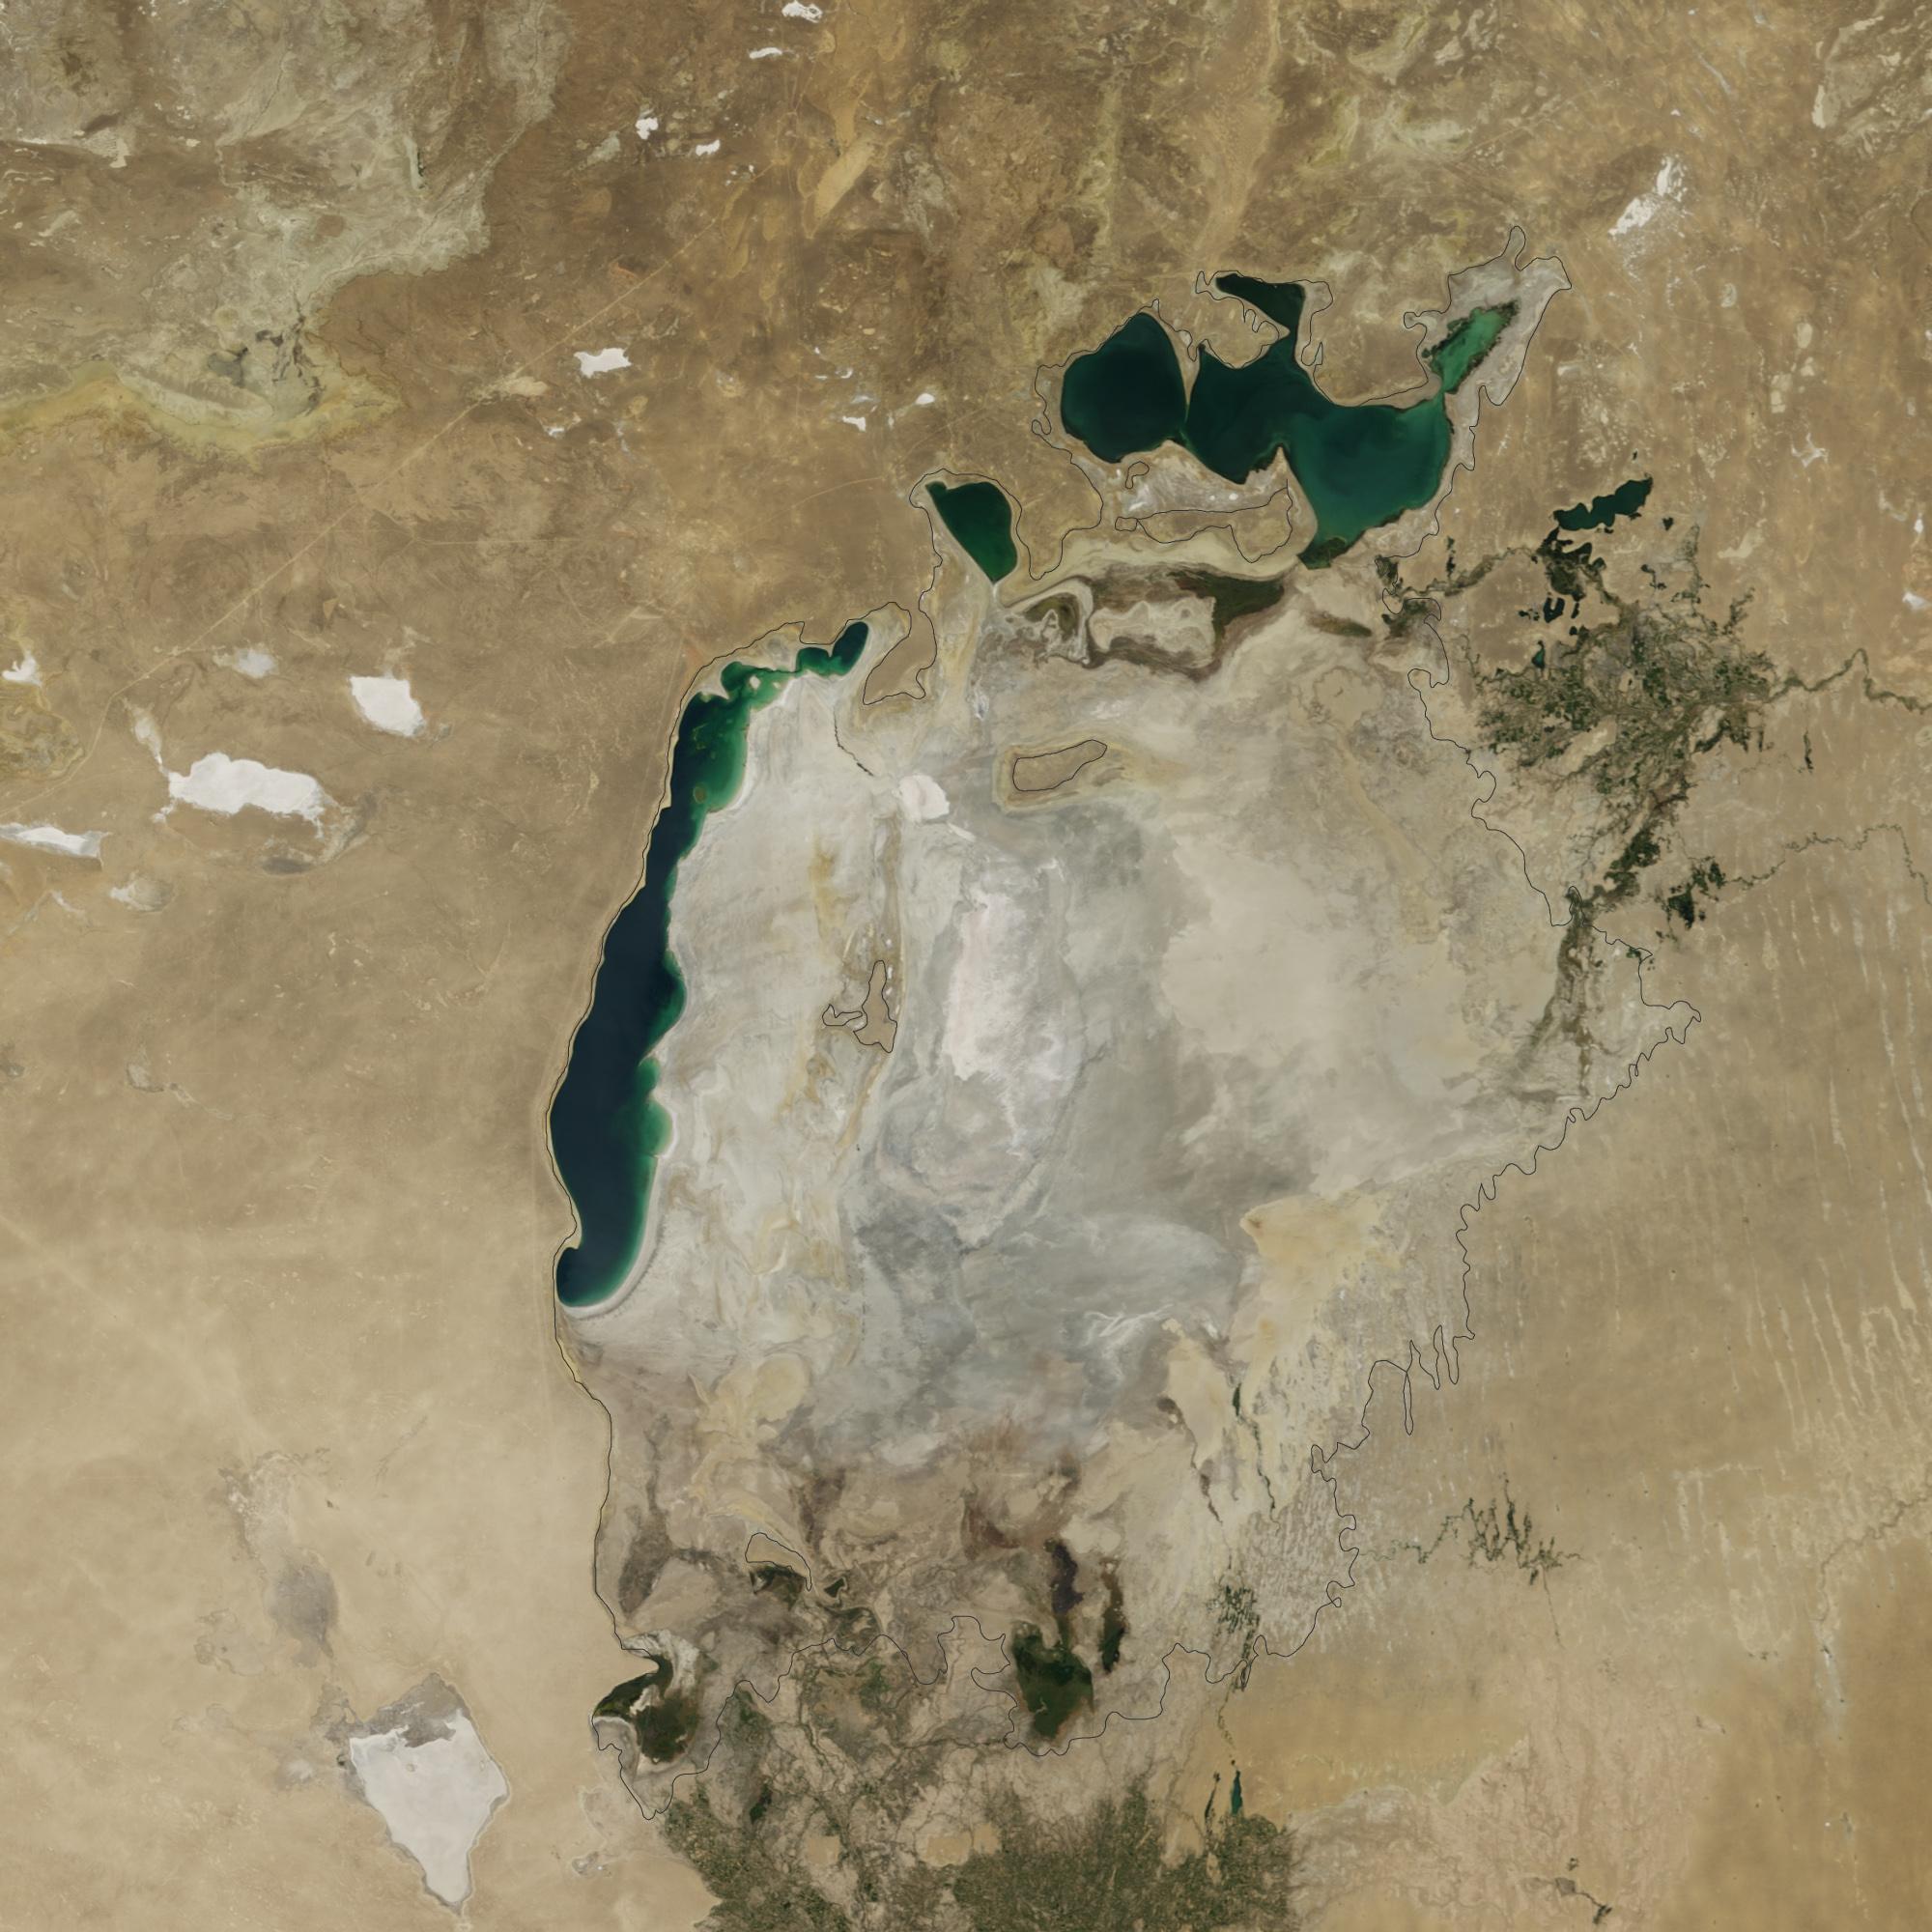 Kiszáradt az Aral-tó – Természeti katasztrófa az űrből